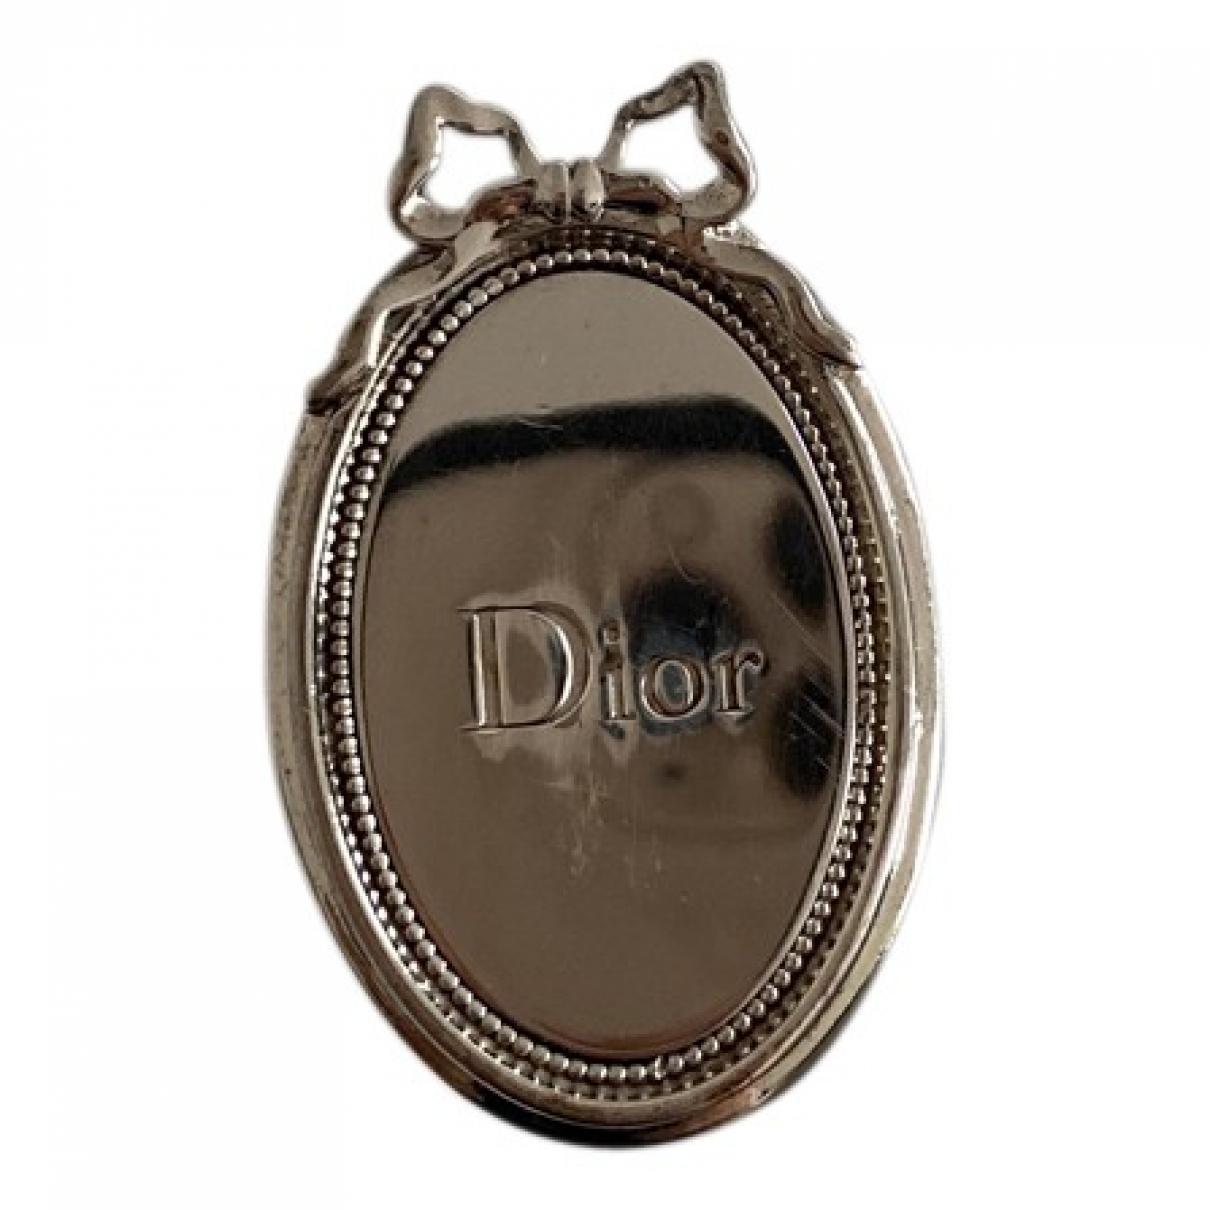 Broche Miss dior de Plata Dior